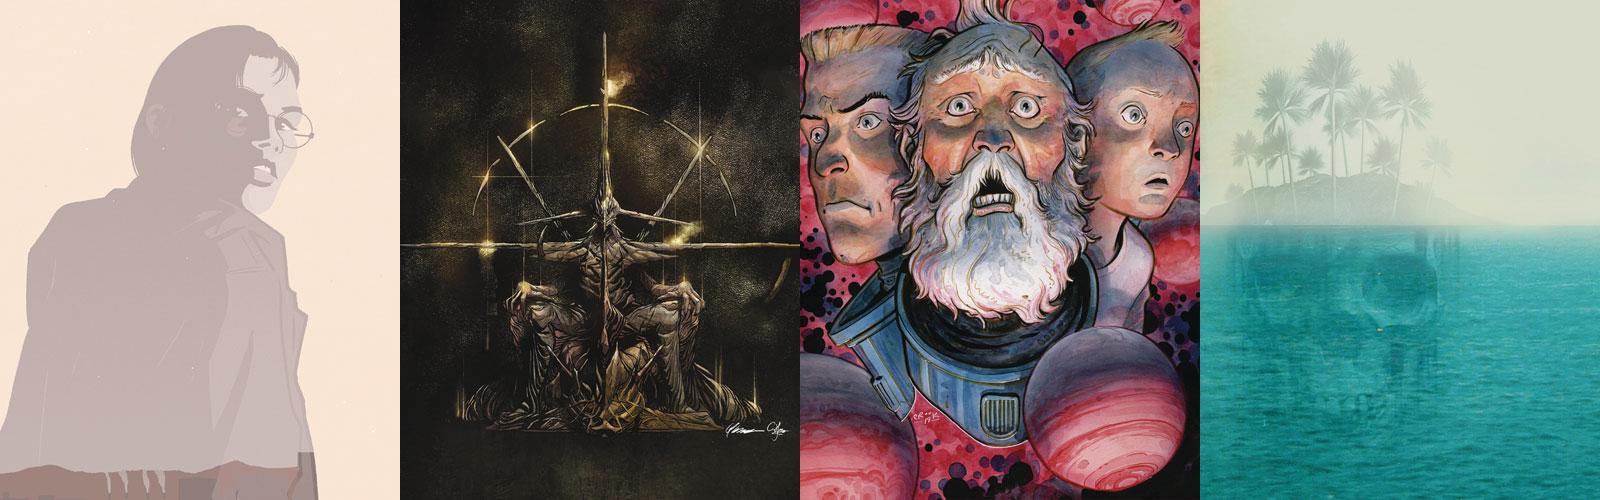 Solicitations: April 2020 – Dark Horse Comics